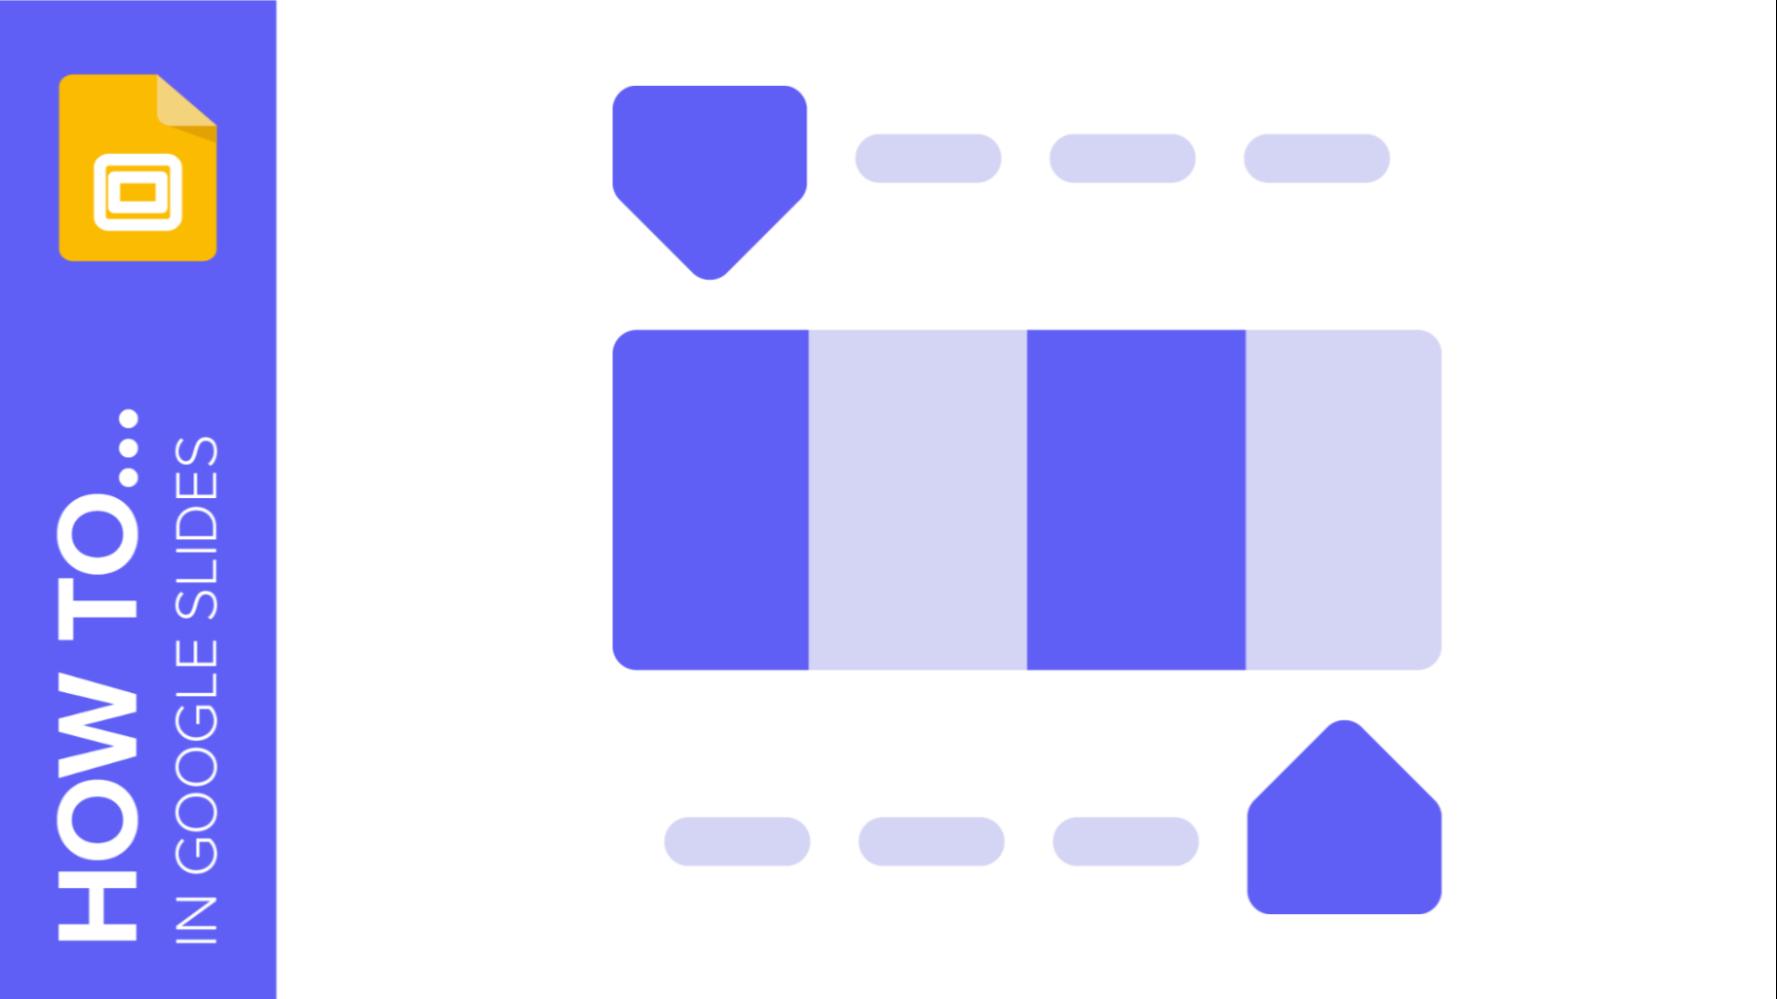 How to Work with Colors in a Google Slides Presentation | Tutoriels et conseils pour vos présentations